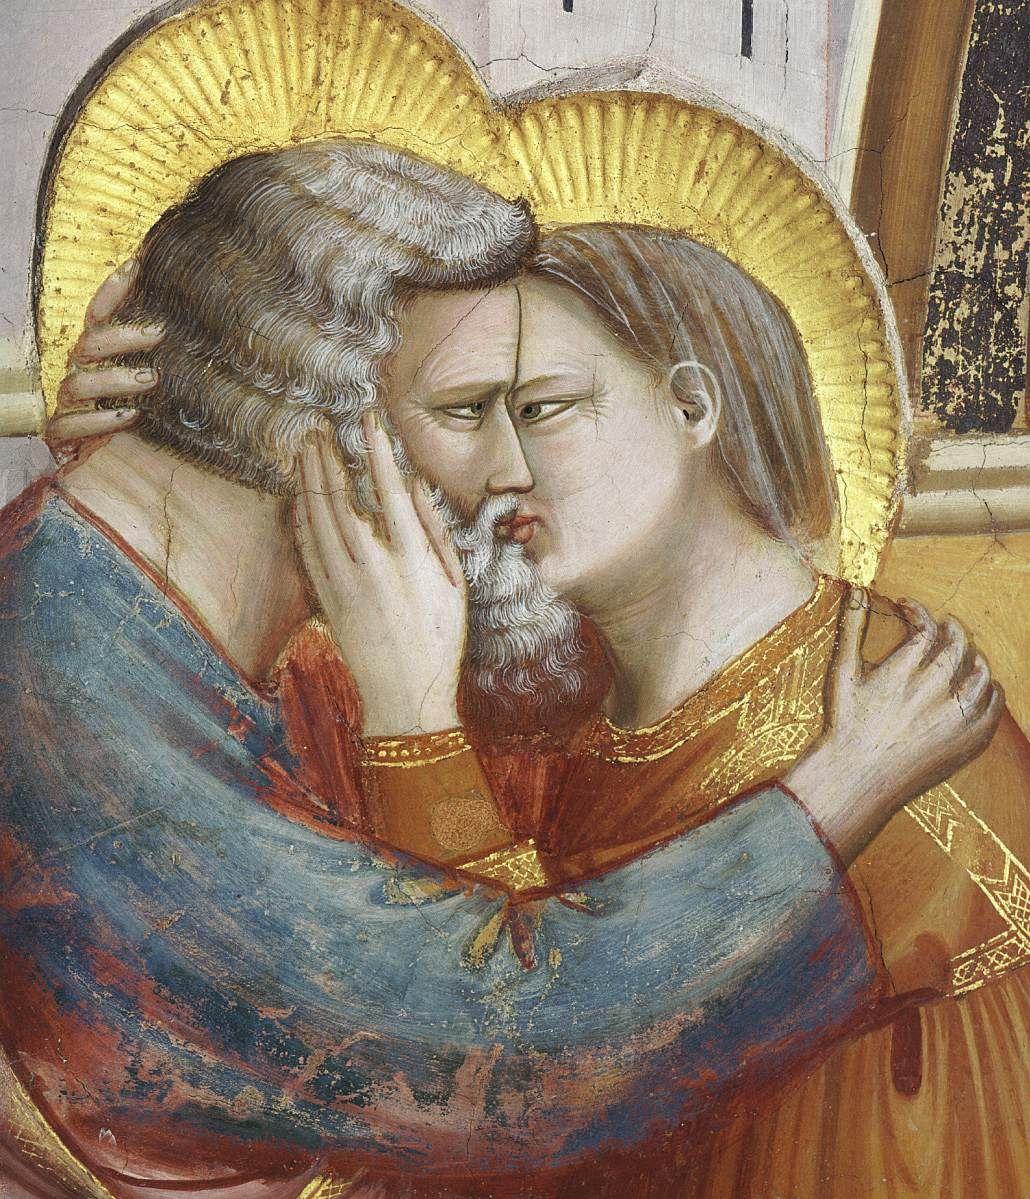 Giotto Rencontre d'Anne et de Joachim, les parents de Marie, à la porte Dorée, Jérusalem